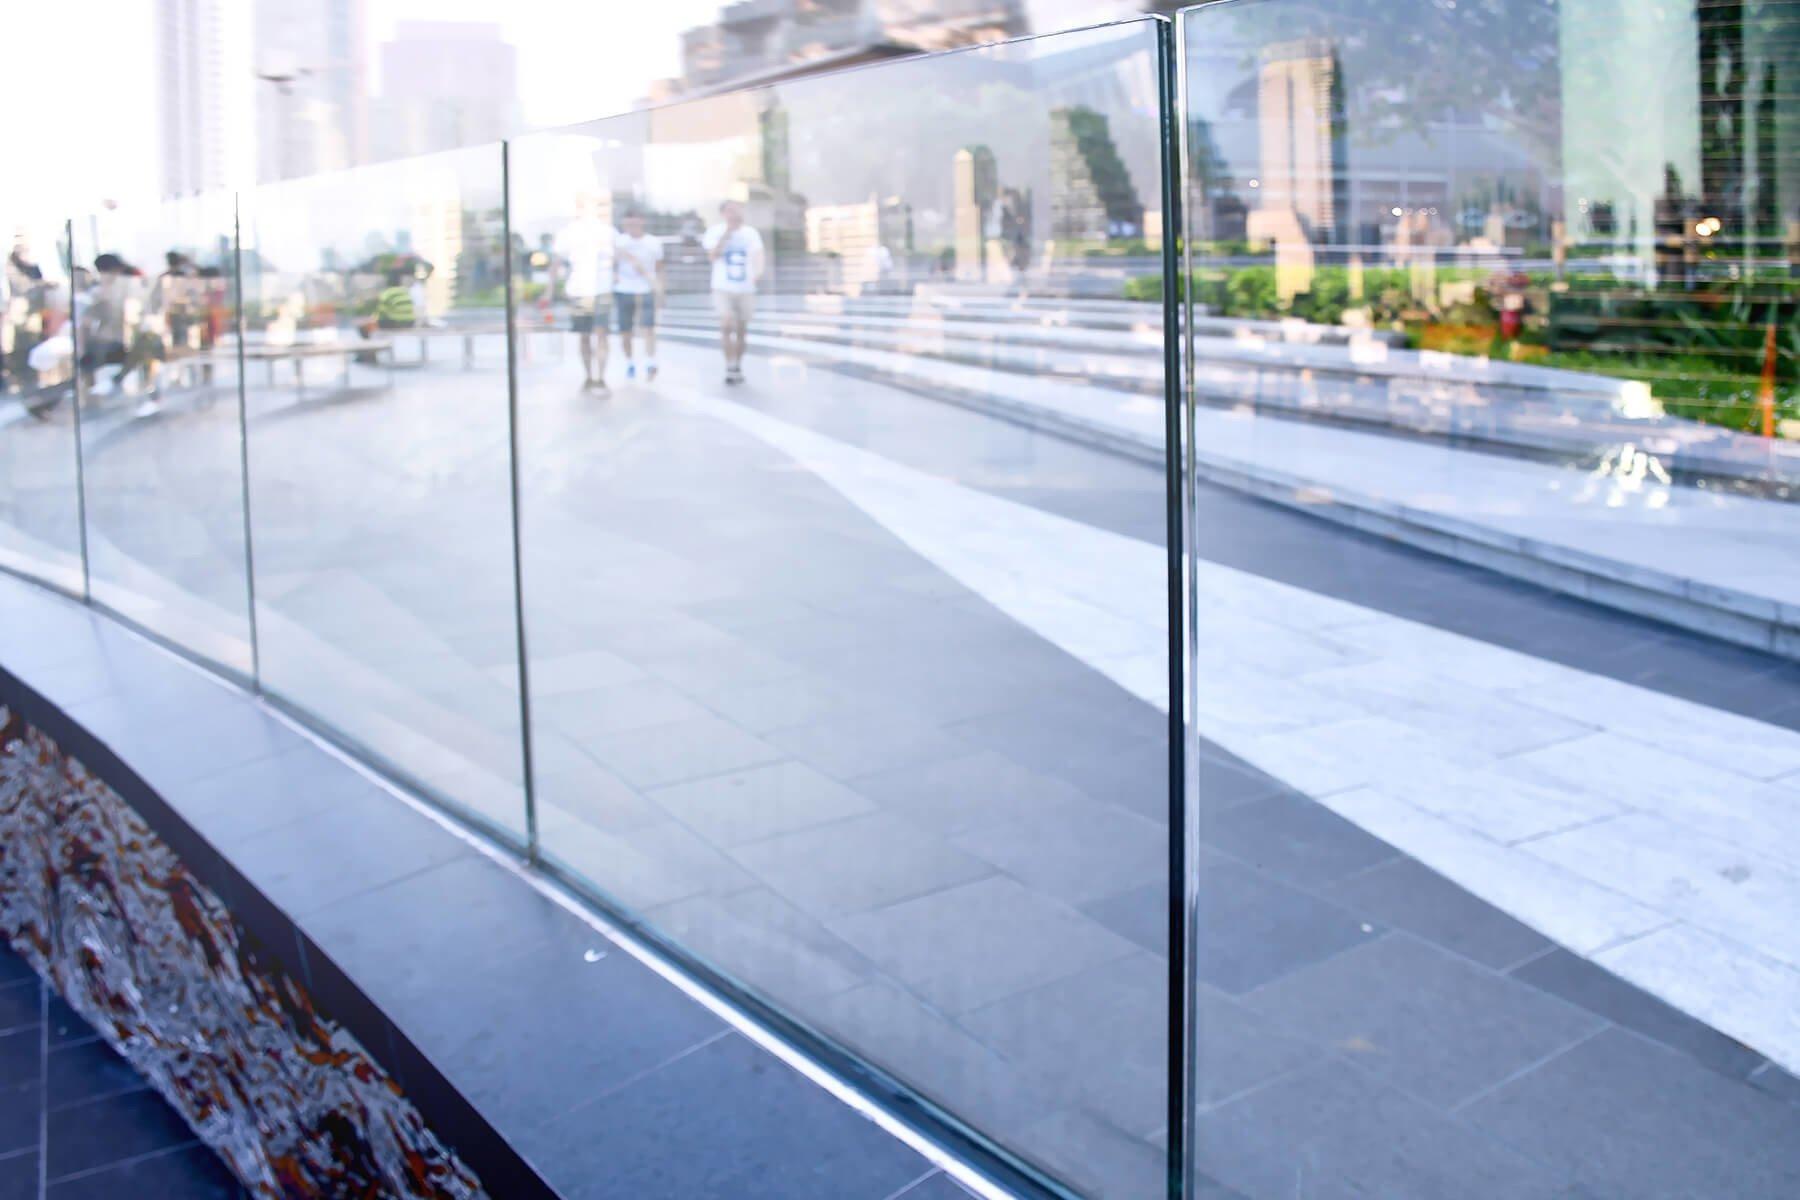 Glasbruestung aus Klarglas mit offenem Blick in die Stadt und maximaler Transluzenz